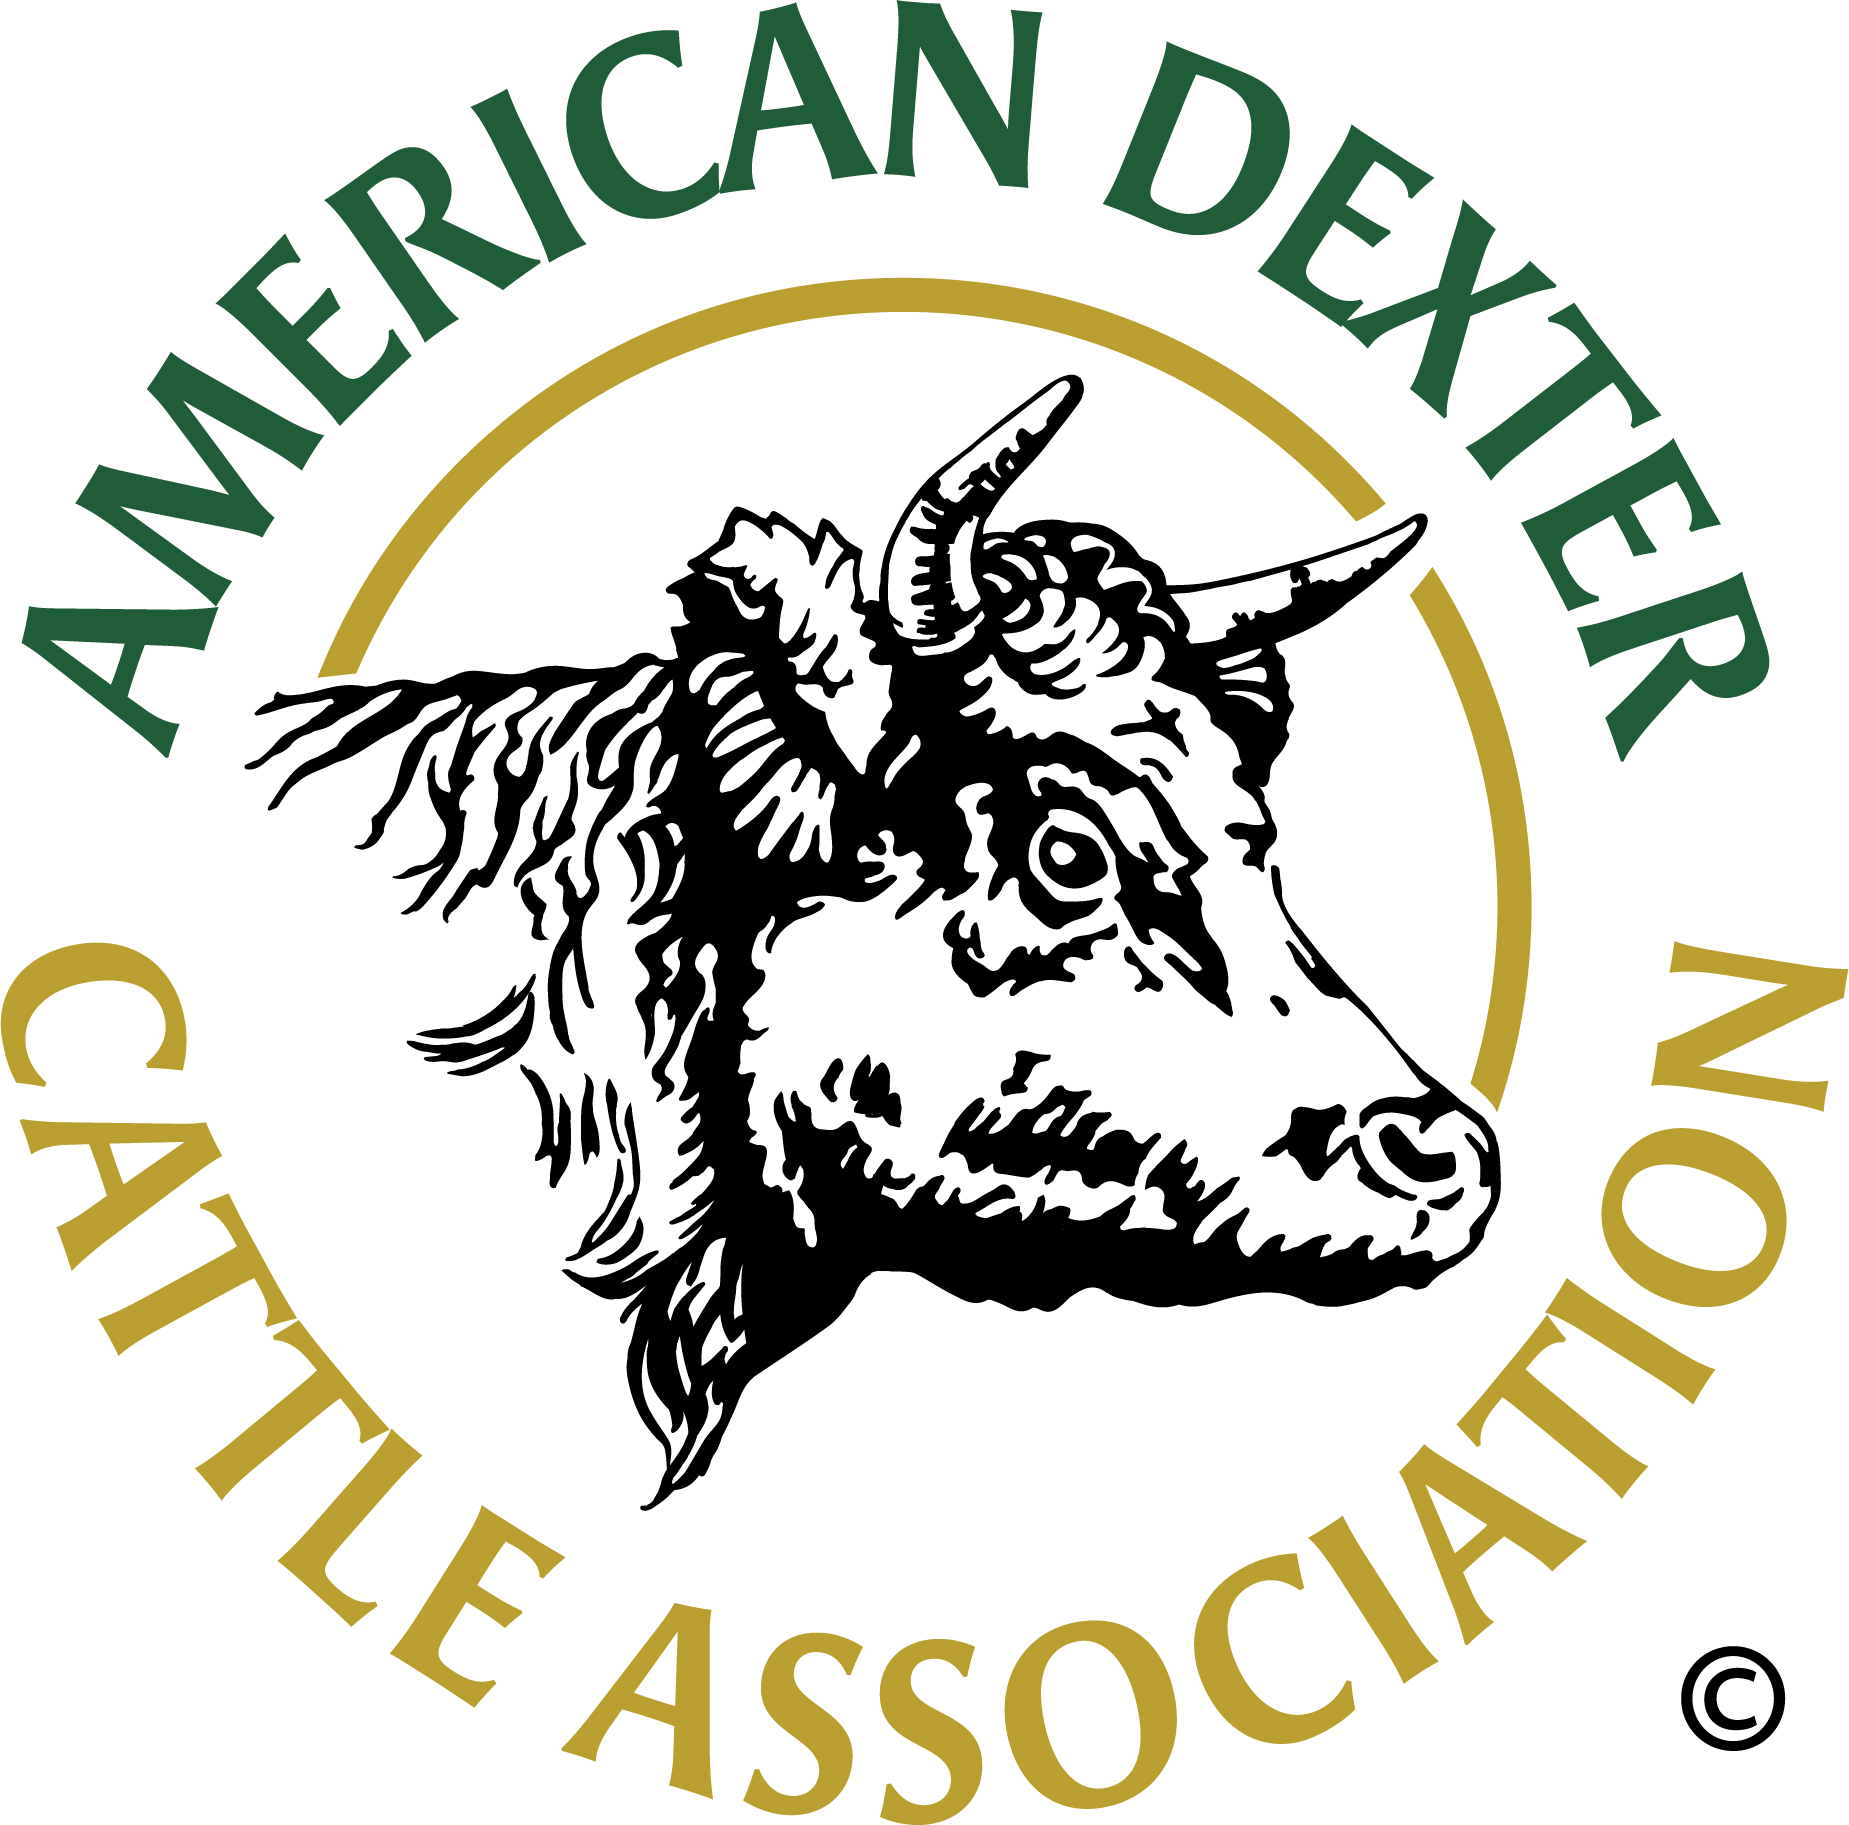 New Dexter Logo